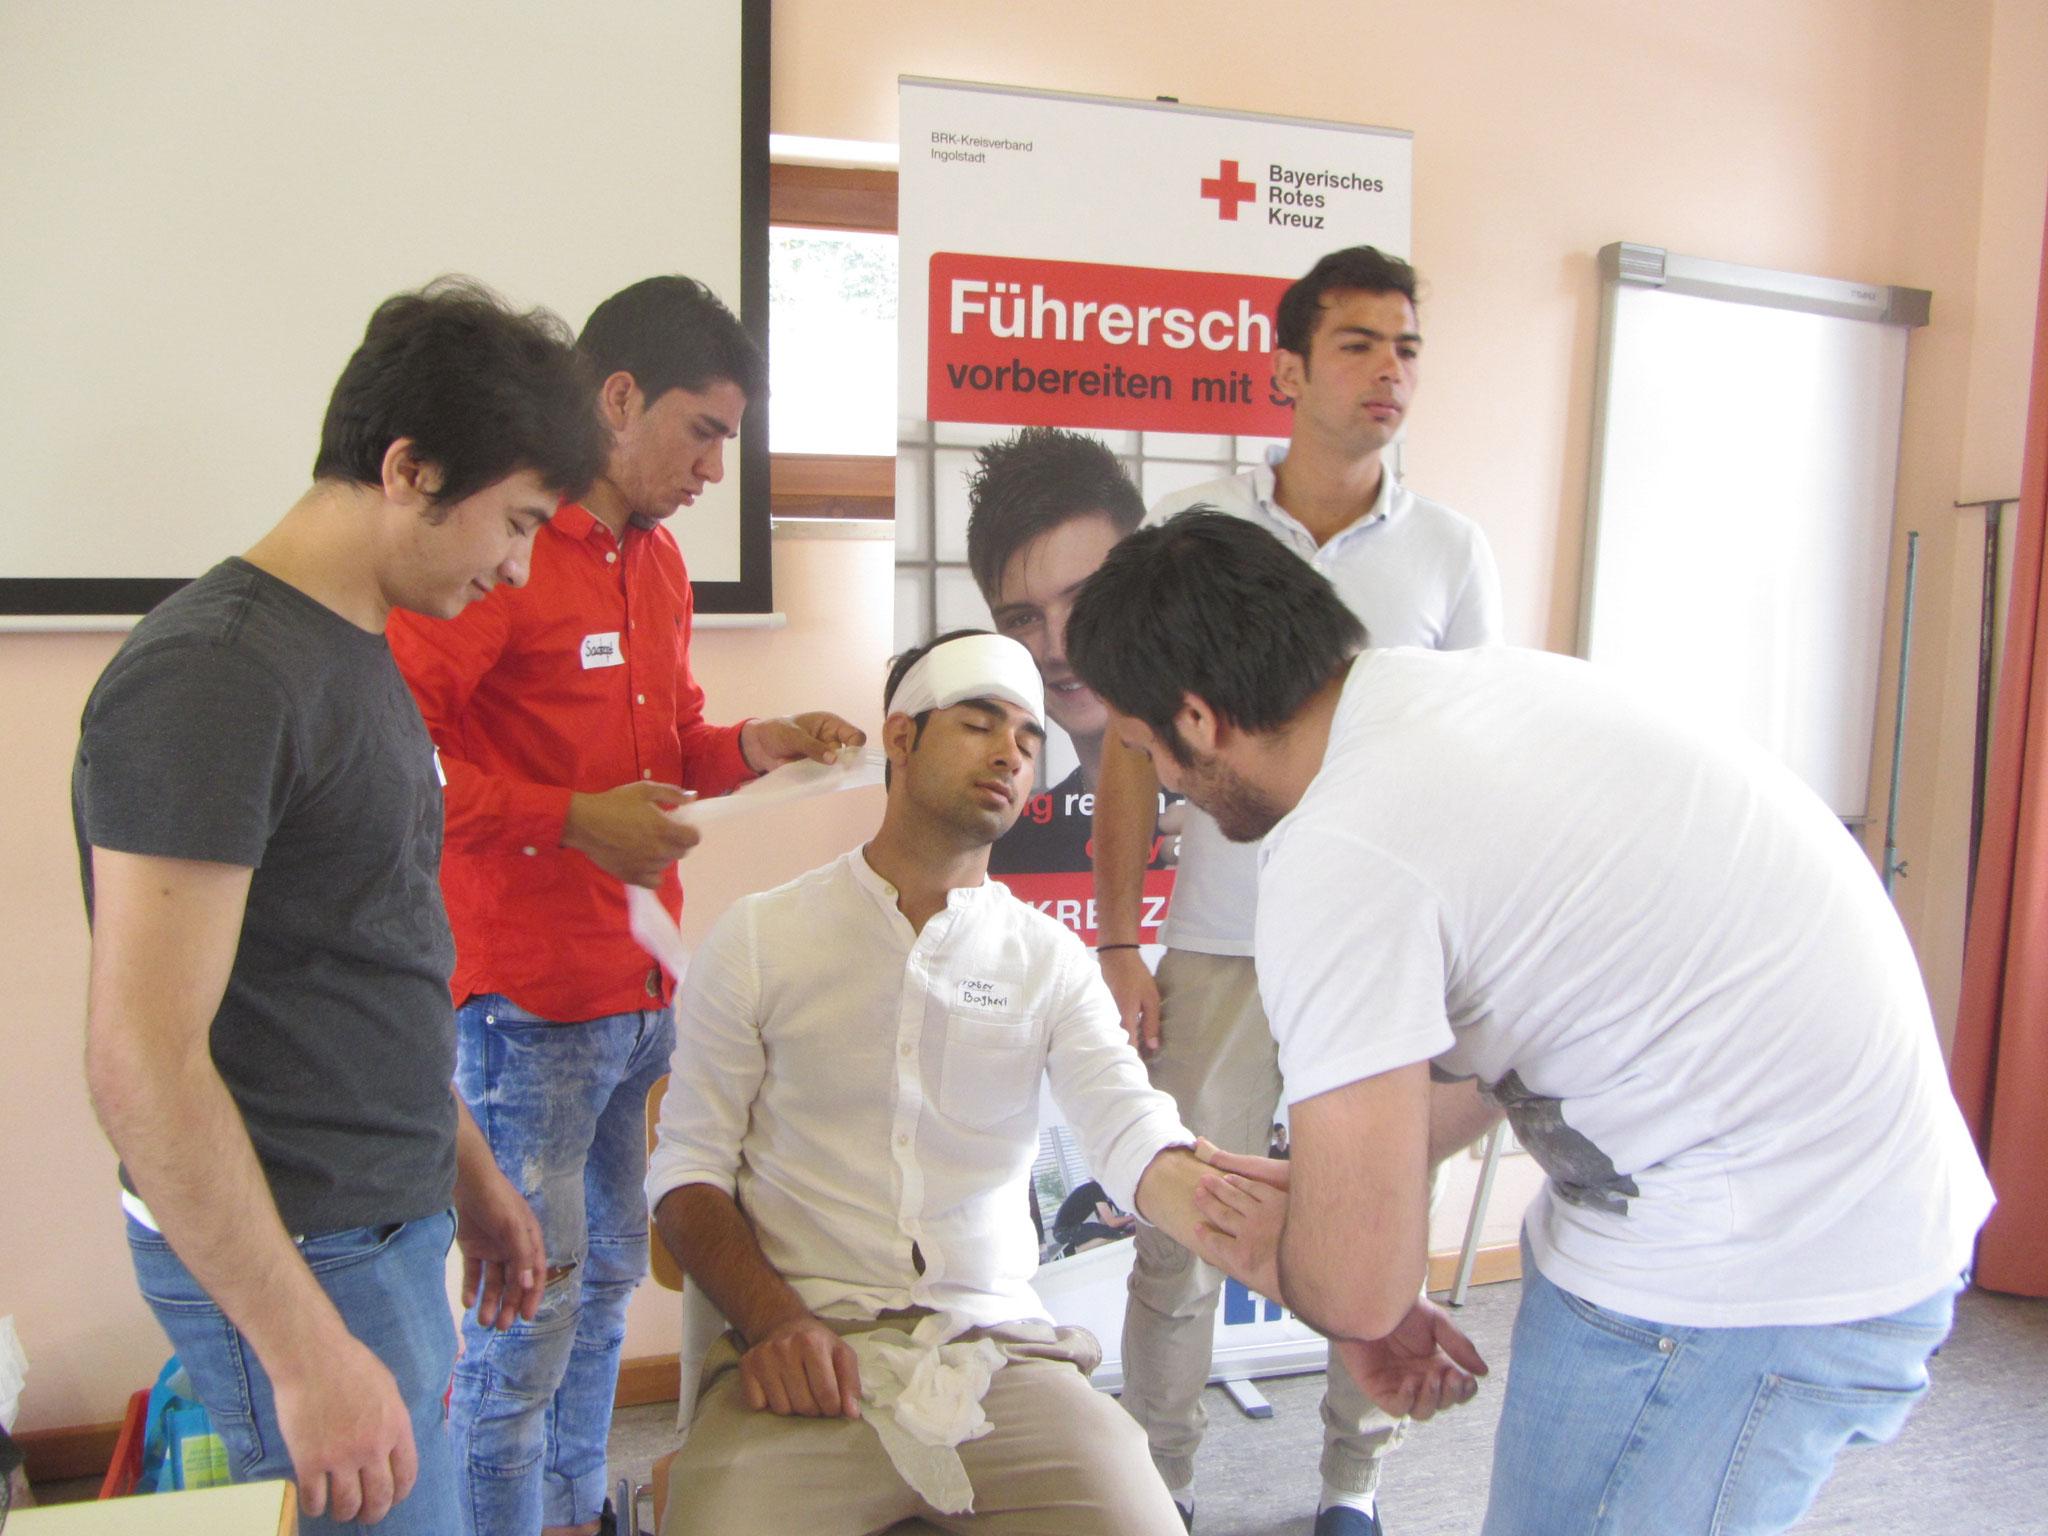 Les étudiants mettent en pratique grâce à des scénarios – de l'appel des services de secours et des premiers soins au soutien psychologique des patients.